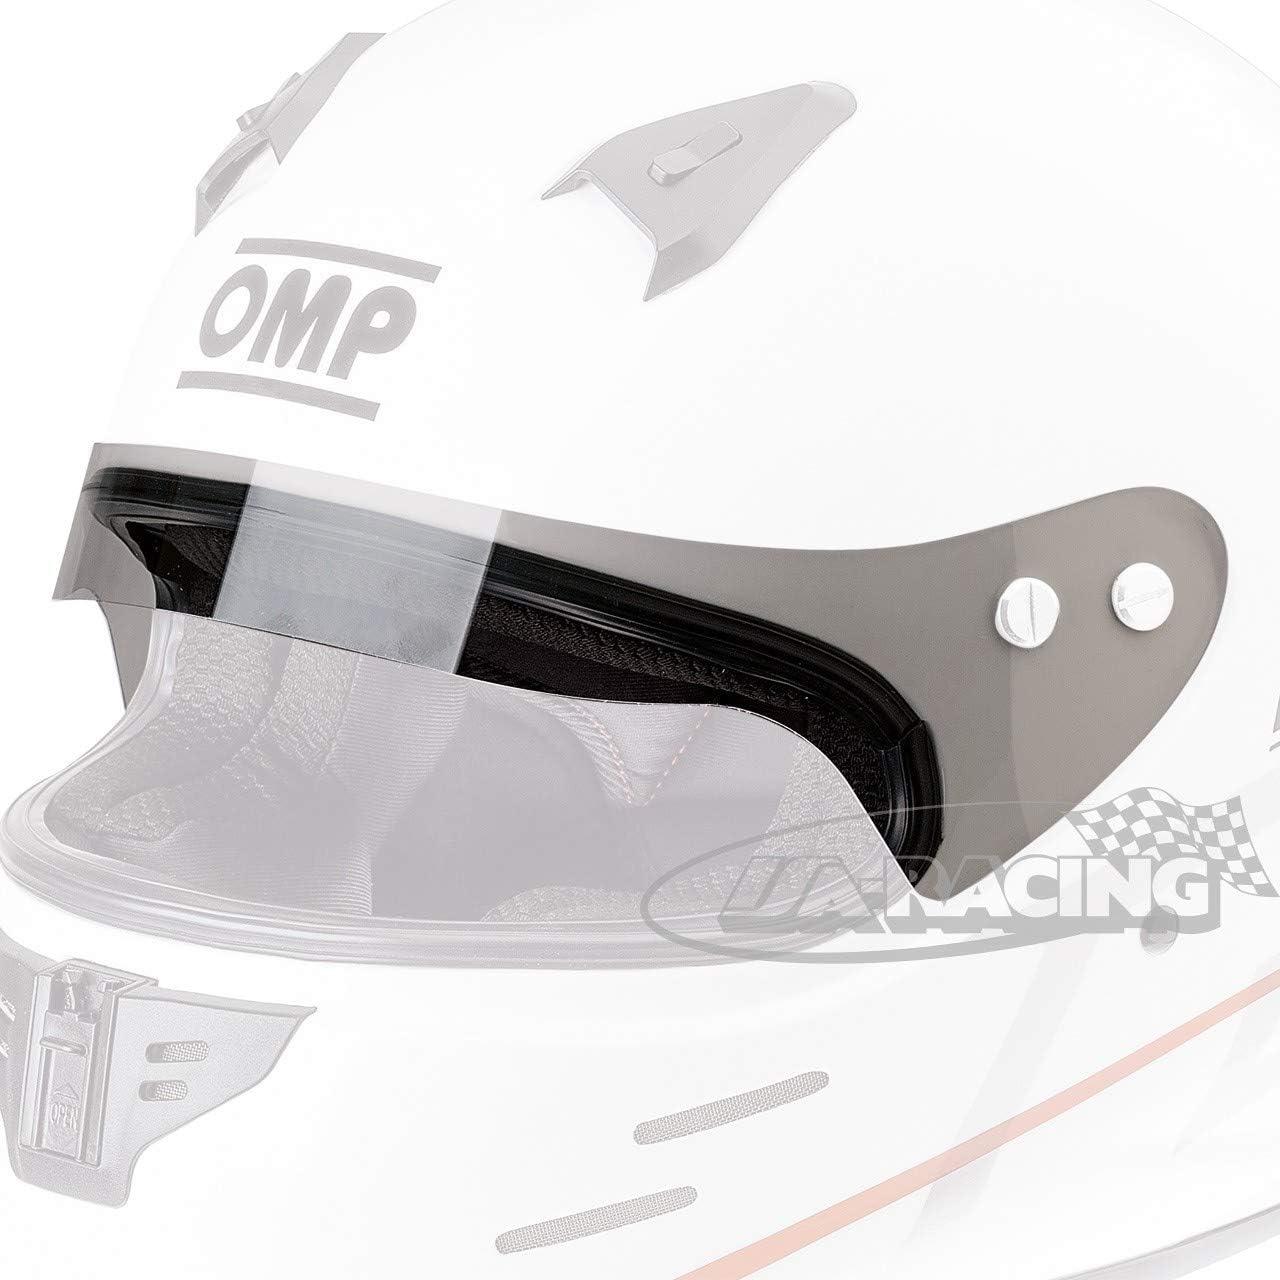 OMP ompsc174/Visor Short fumada of Tourism For gp8-kj8/Series Helmets